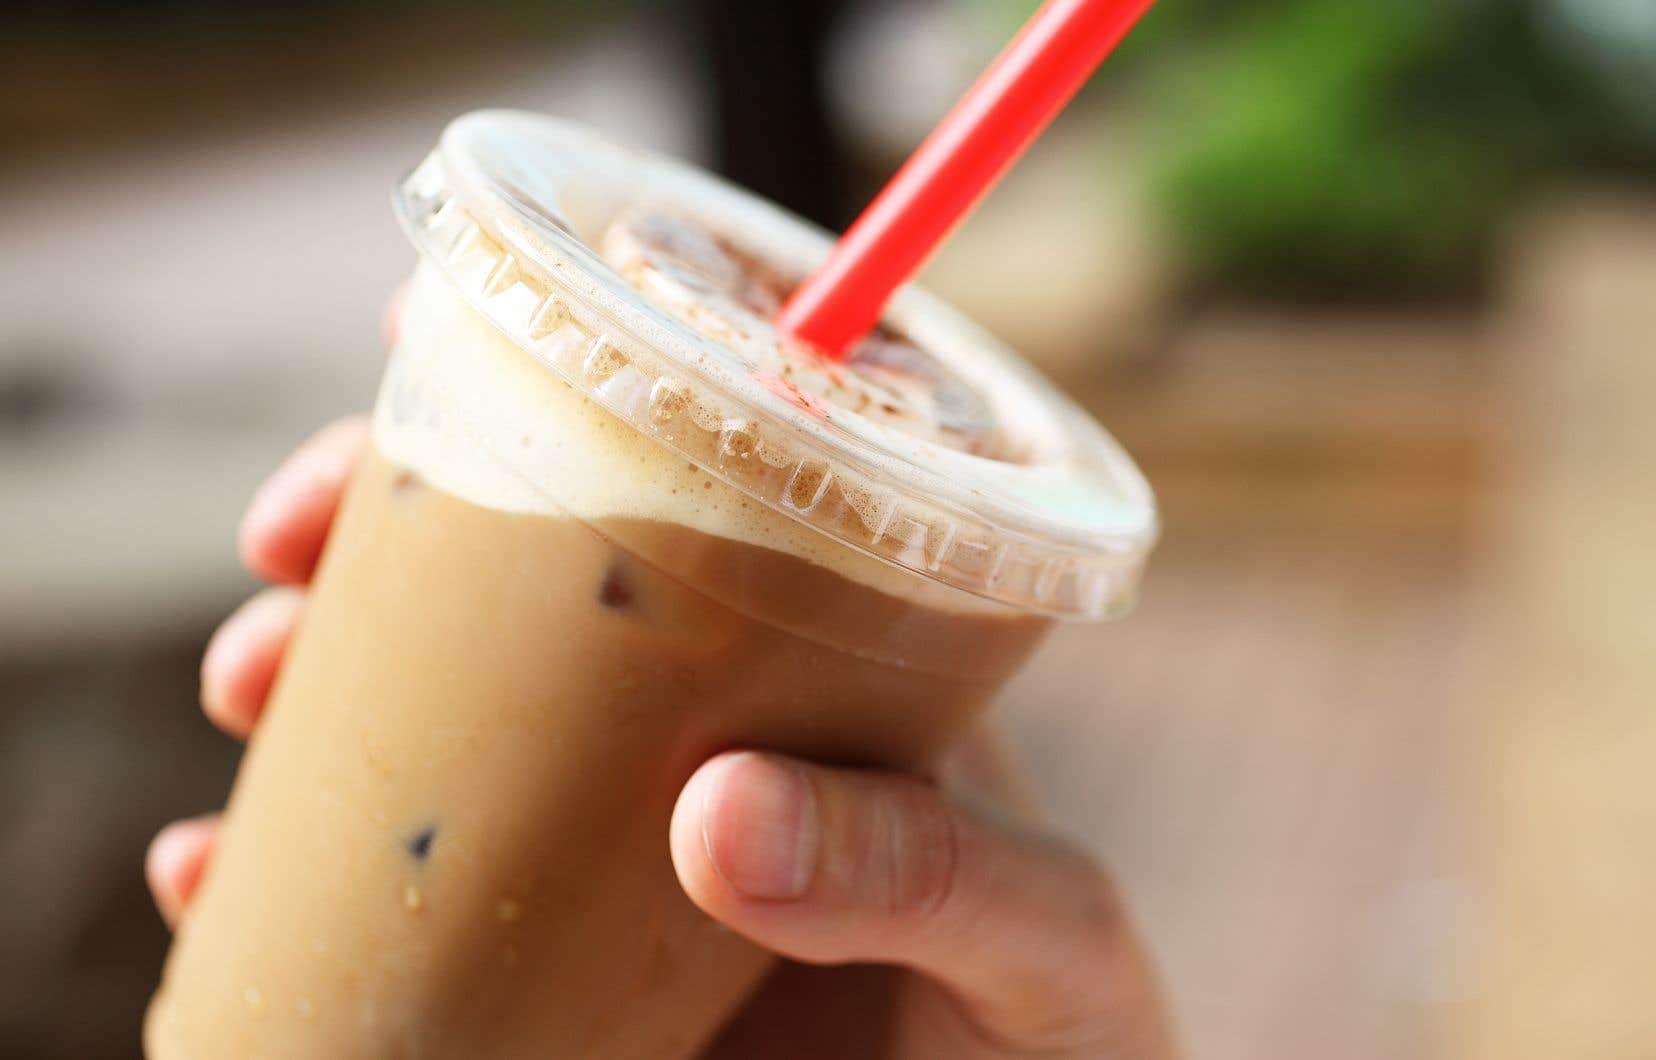 La catégorie des thés et cafés sucrés a connu une forte augmentation, de 165%.